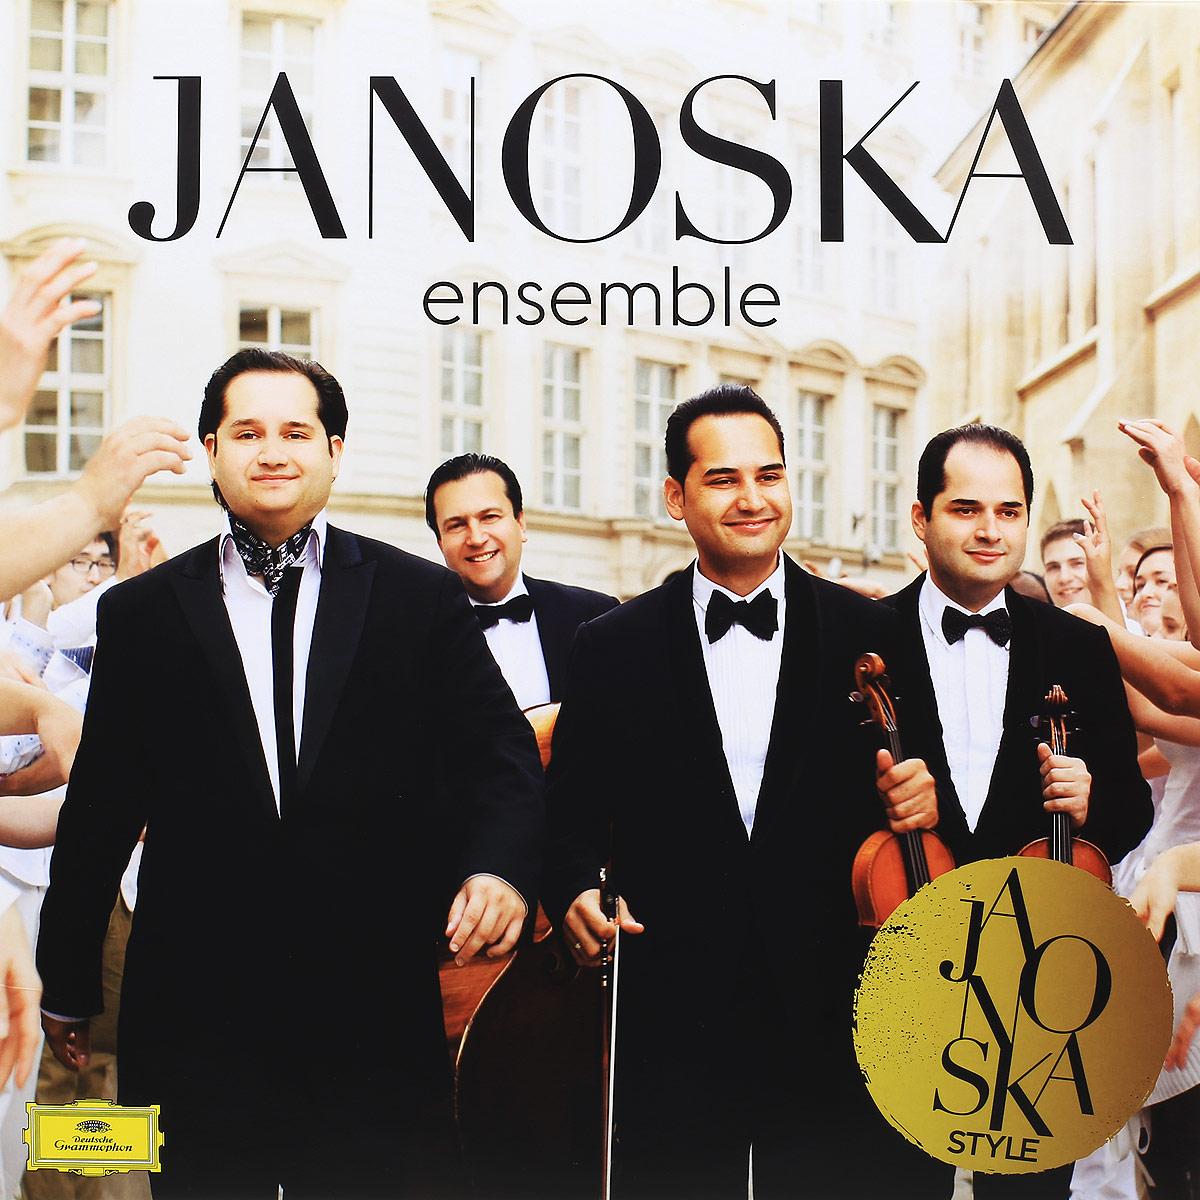 Janoska Ensemble. Janoska Style (2 LP)